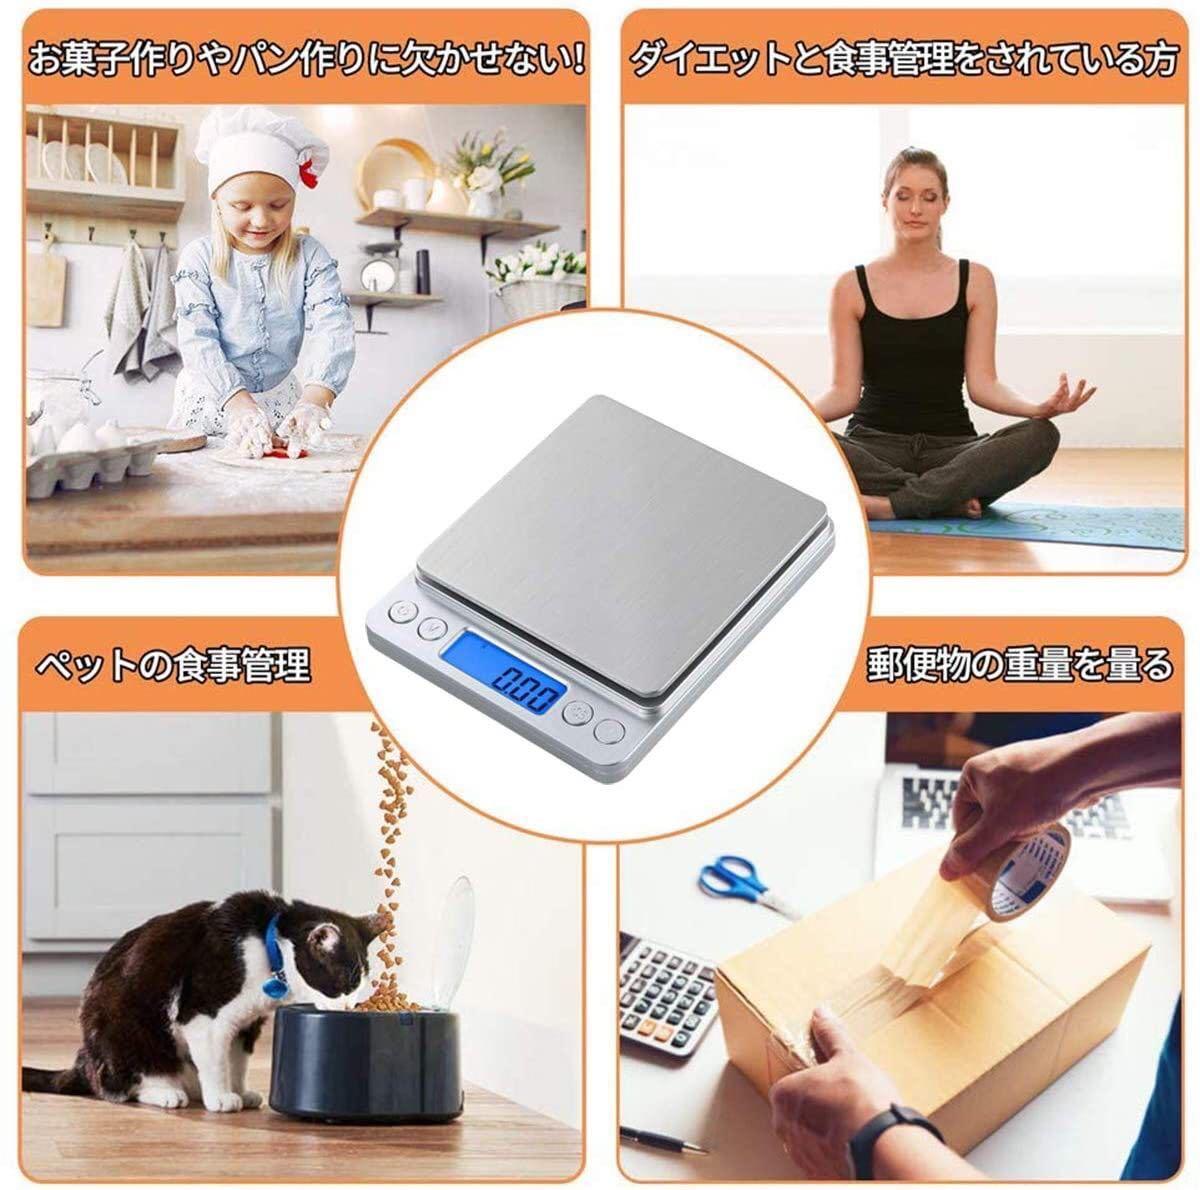 デジタルスケール キッチンスケール クッキング 乾電池両対応 電子計量器 超小型